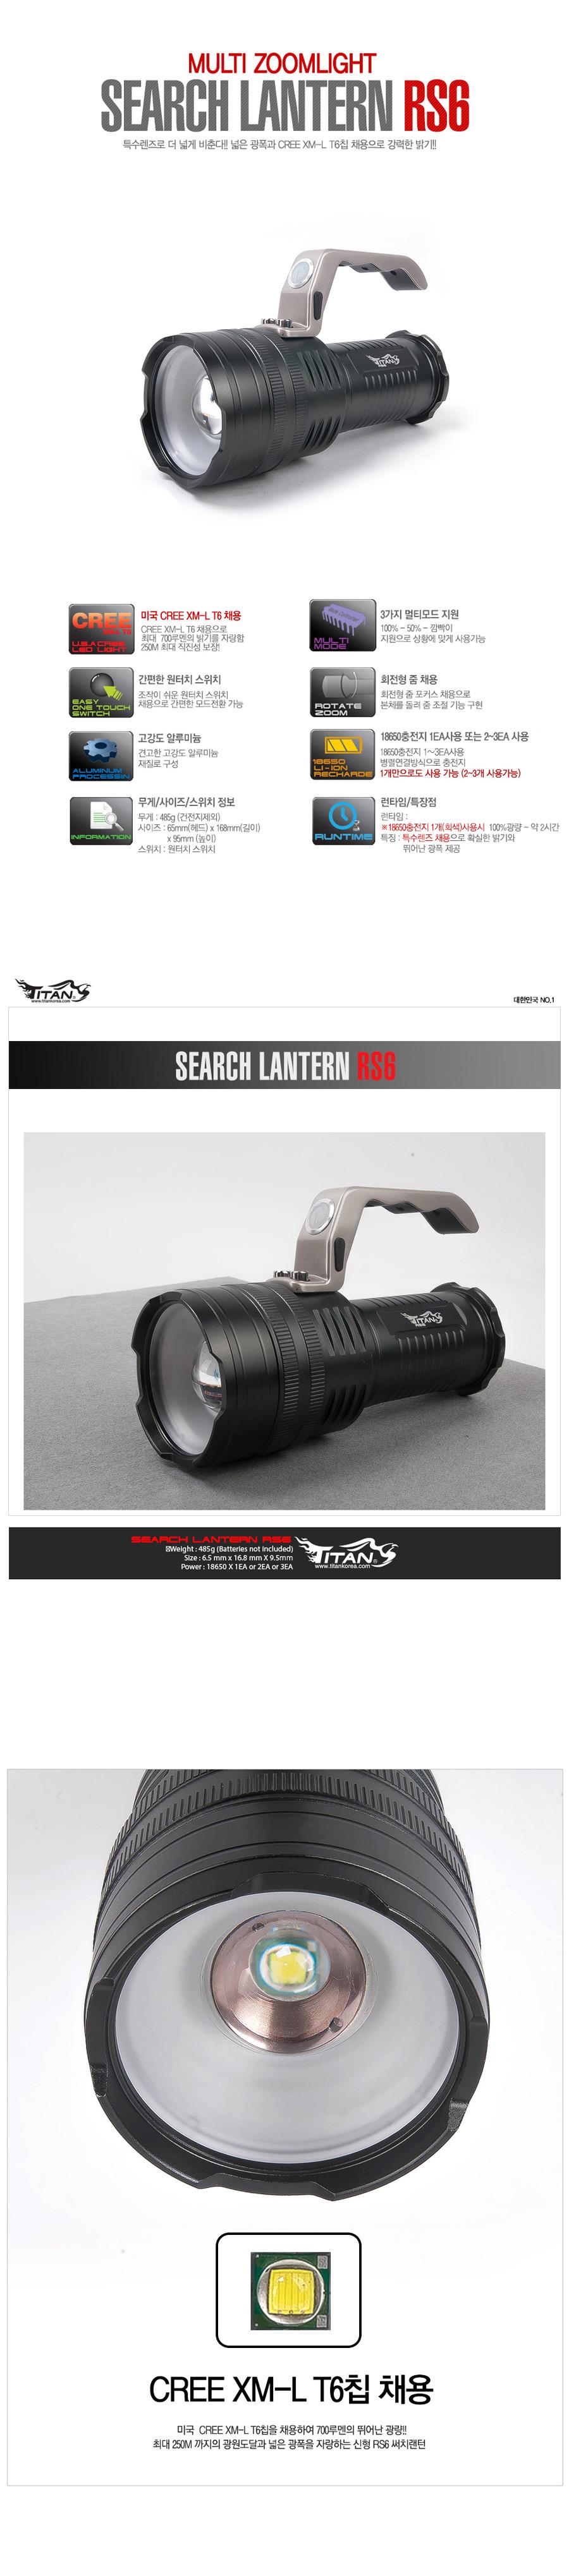 타이탄 줌서치랜턴 RS6세트 랜턴 서치랜턴 써치 손전등